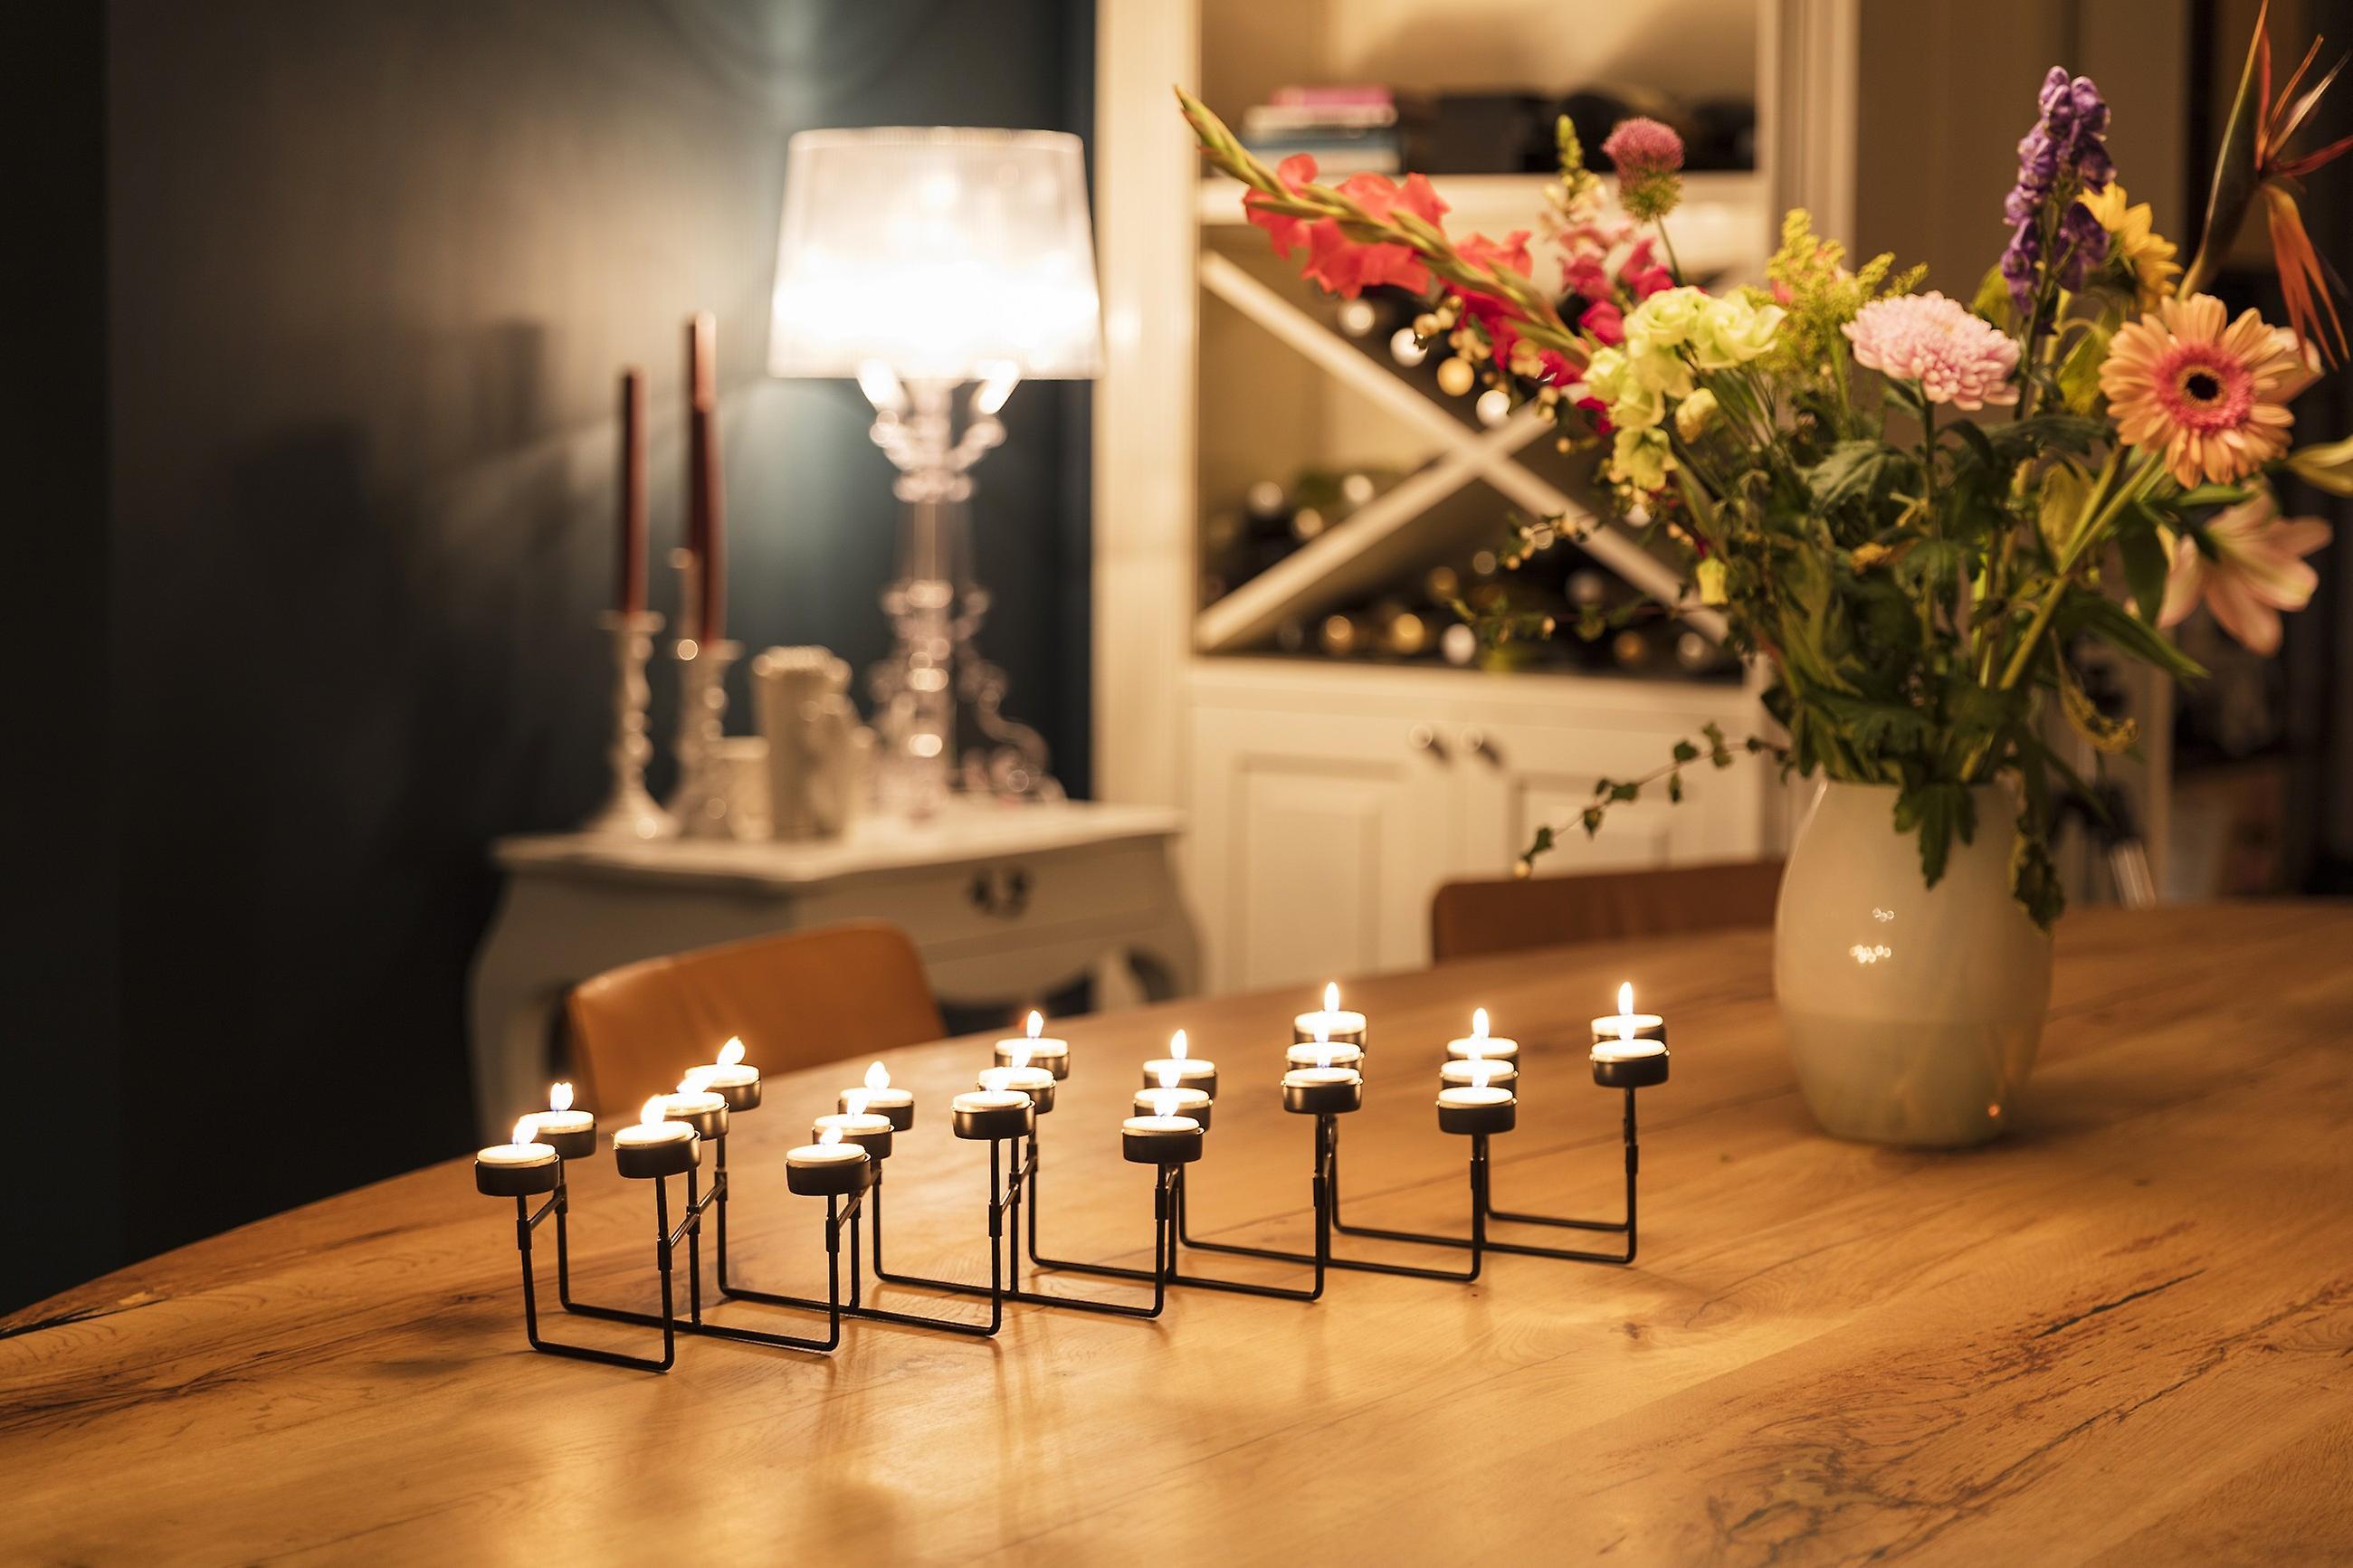 LIFA LIVING Teelichthalter schwarzes Metall, 22 Kerzenständer mit dehnbarem Konstrukt für besondere Anlässe im Wohnbereich, Vintage Industrie Stil